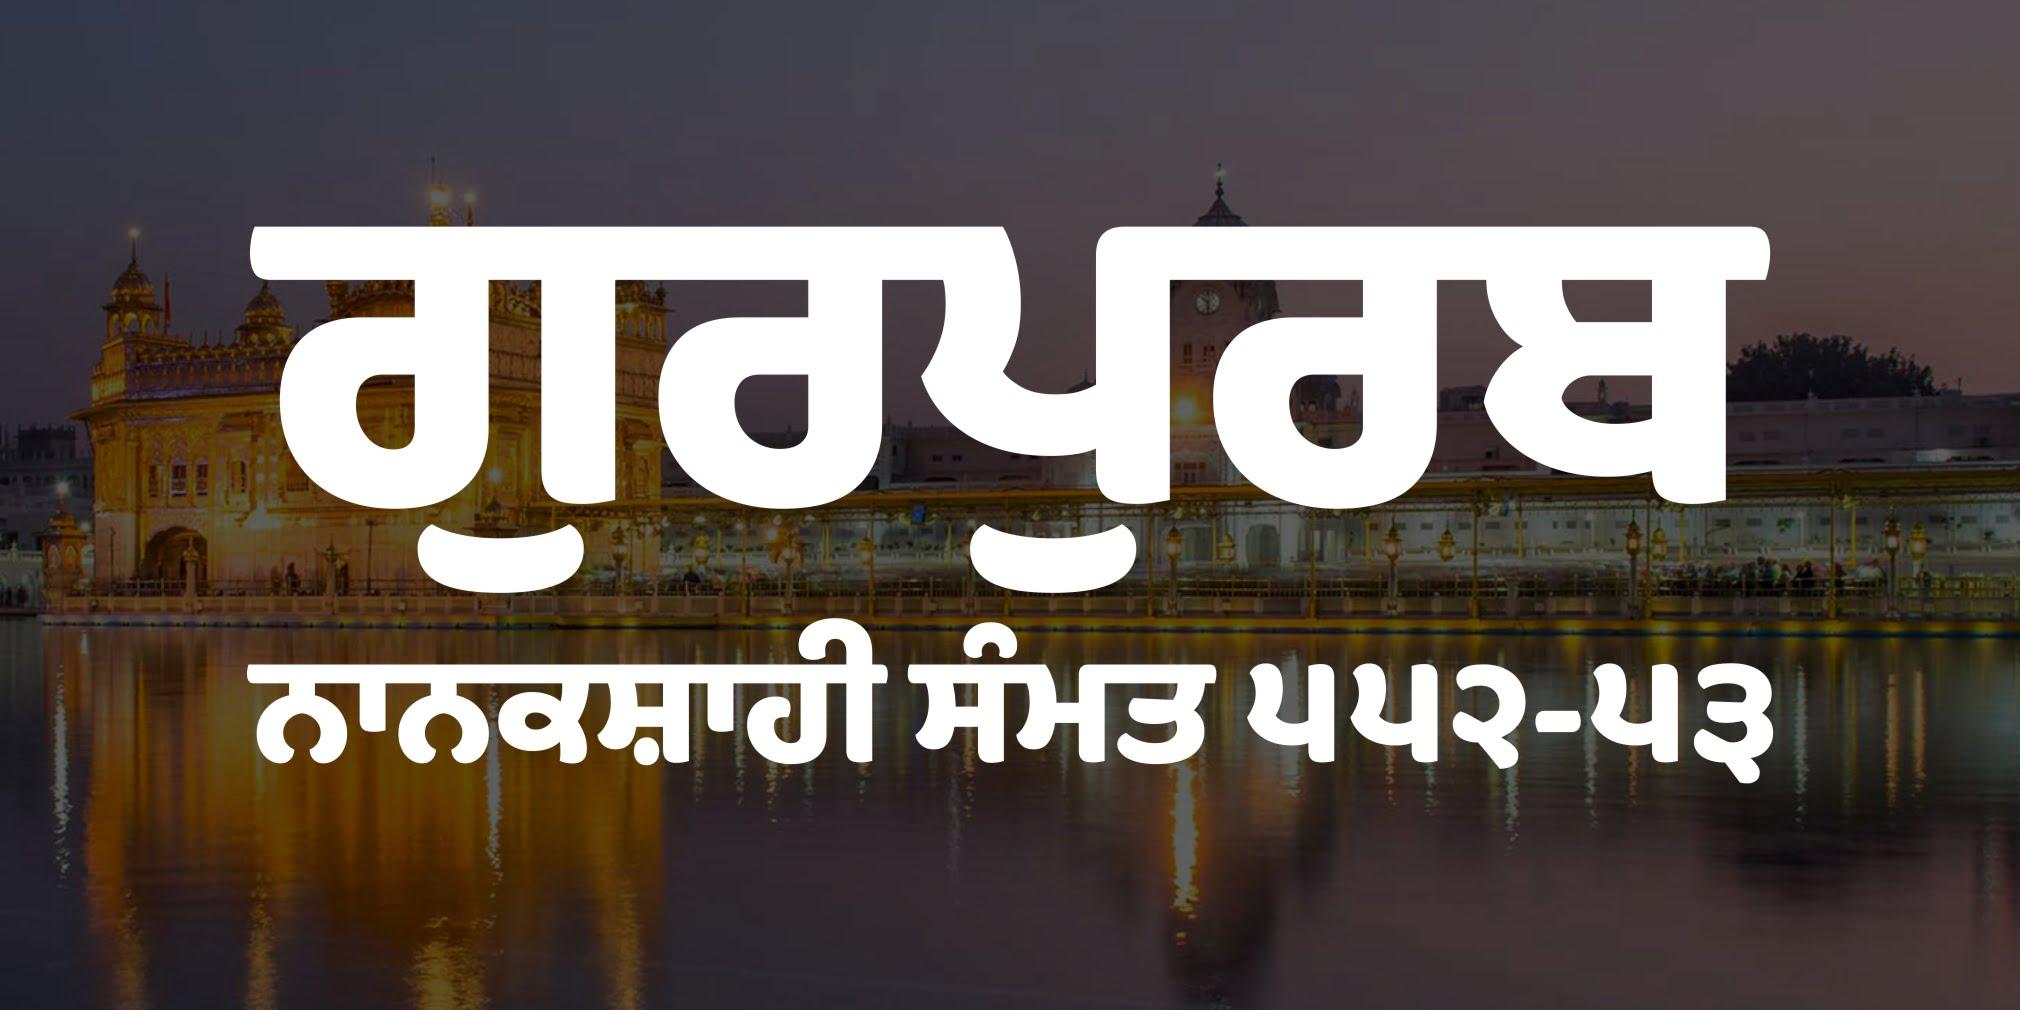 Gurpurab Dates 2021 Nanakshahi Calendar Gurpurab – Dhansikhi